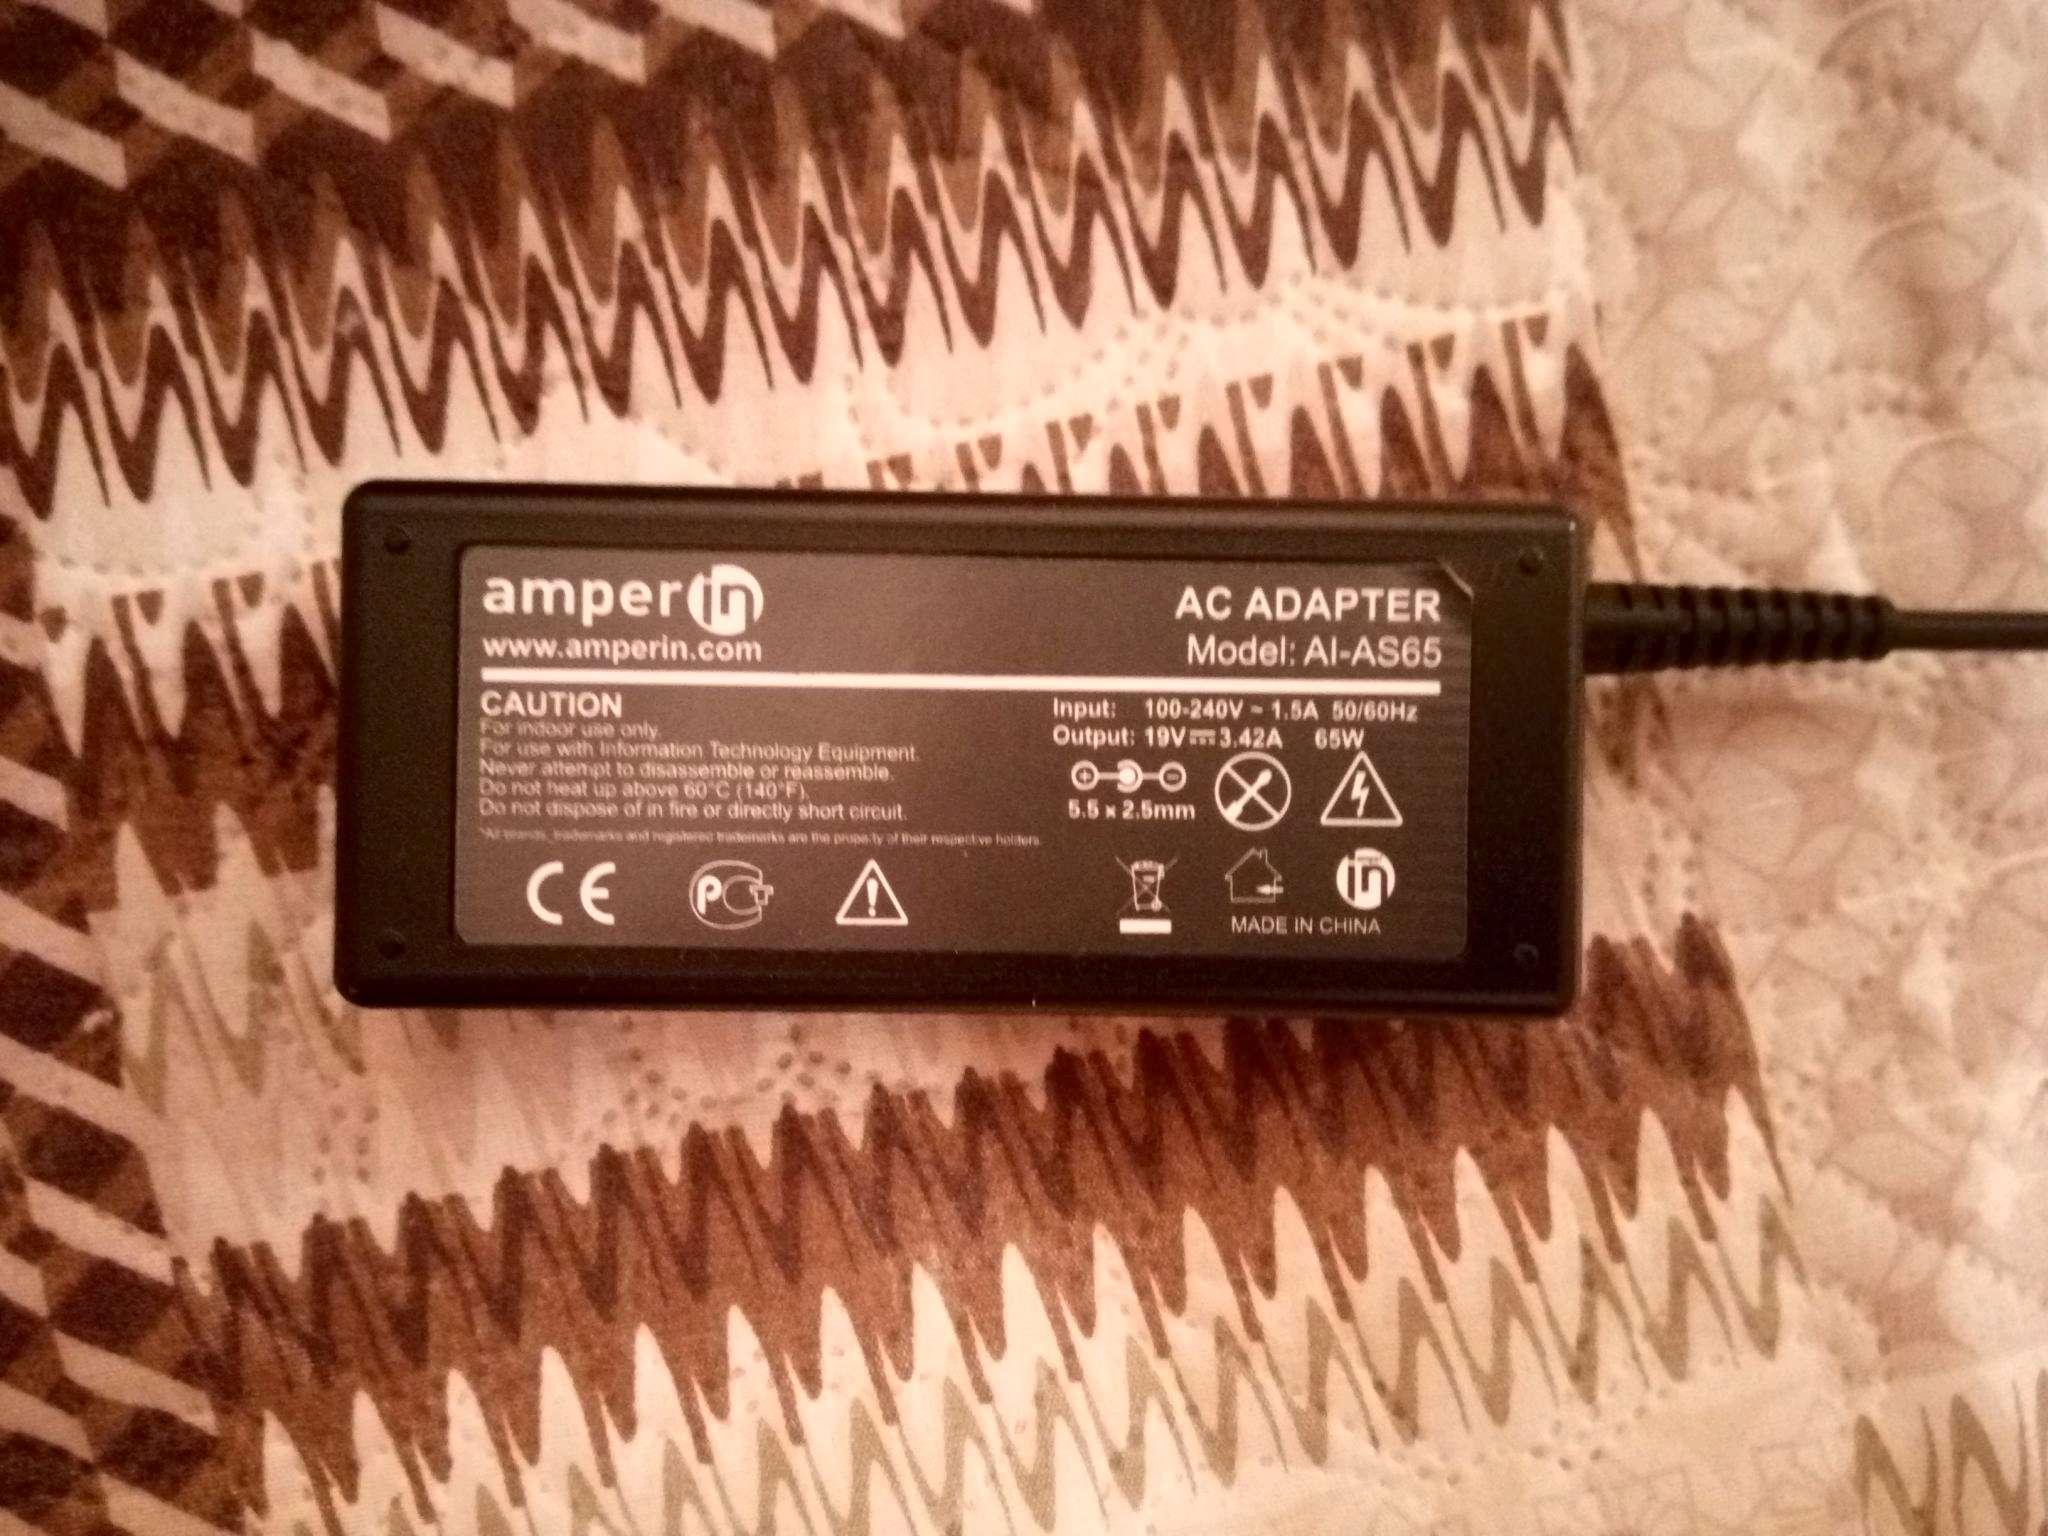 Блок питания Amperin AI-AC40 для Acer 19V 2.1A 5.5x1.7mm 40W